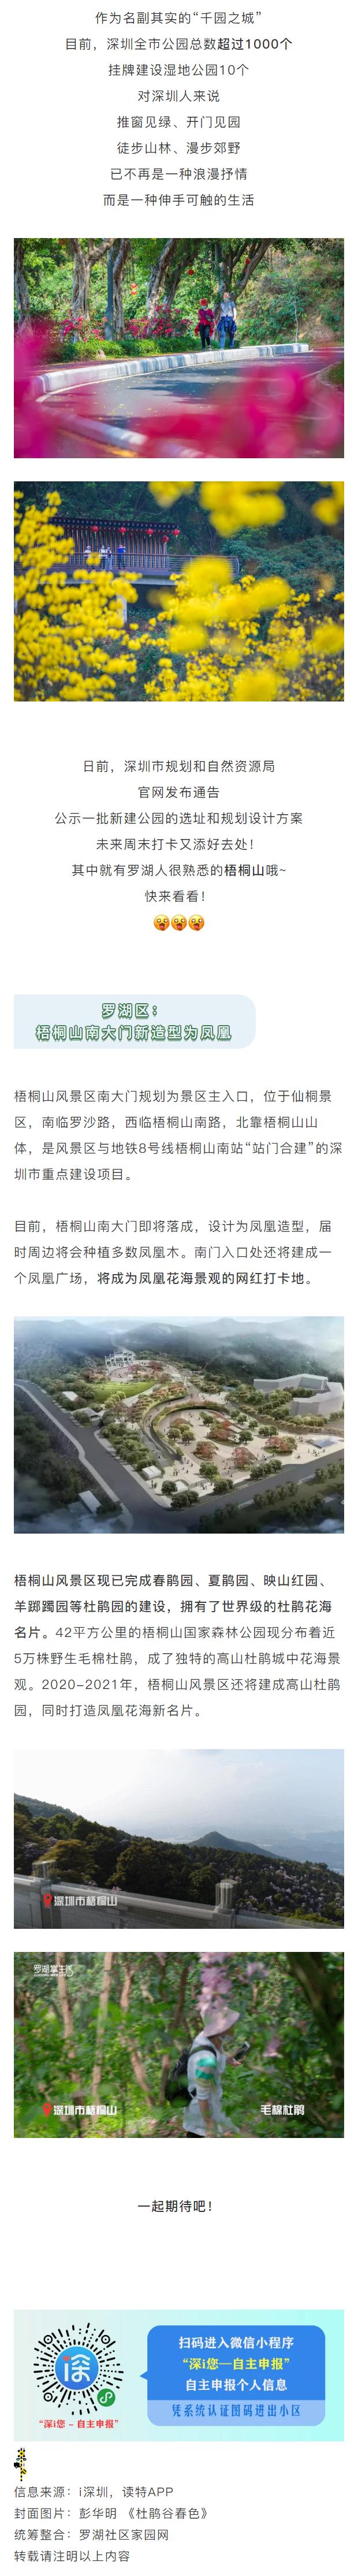 期待!深圳公布新一批公园选址,罗湖这里就有一个